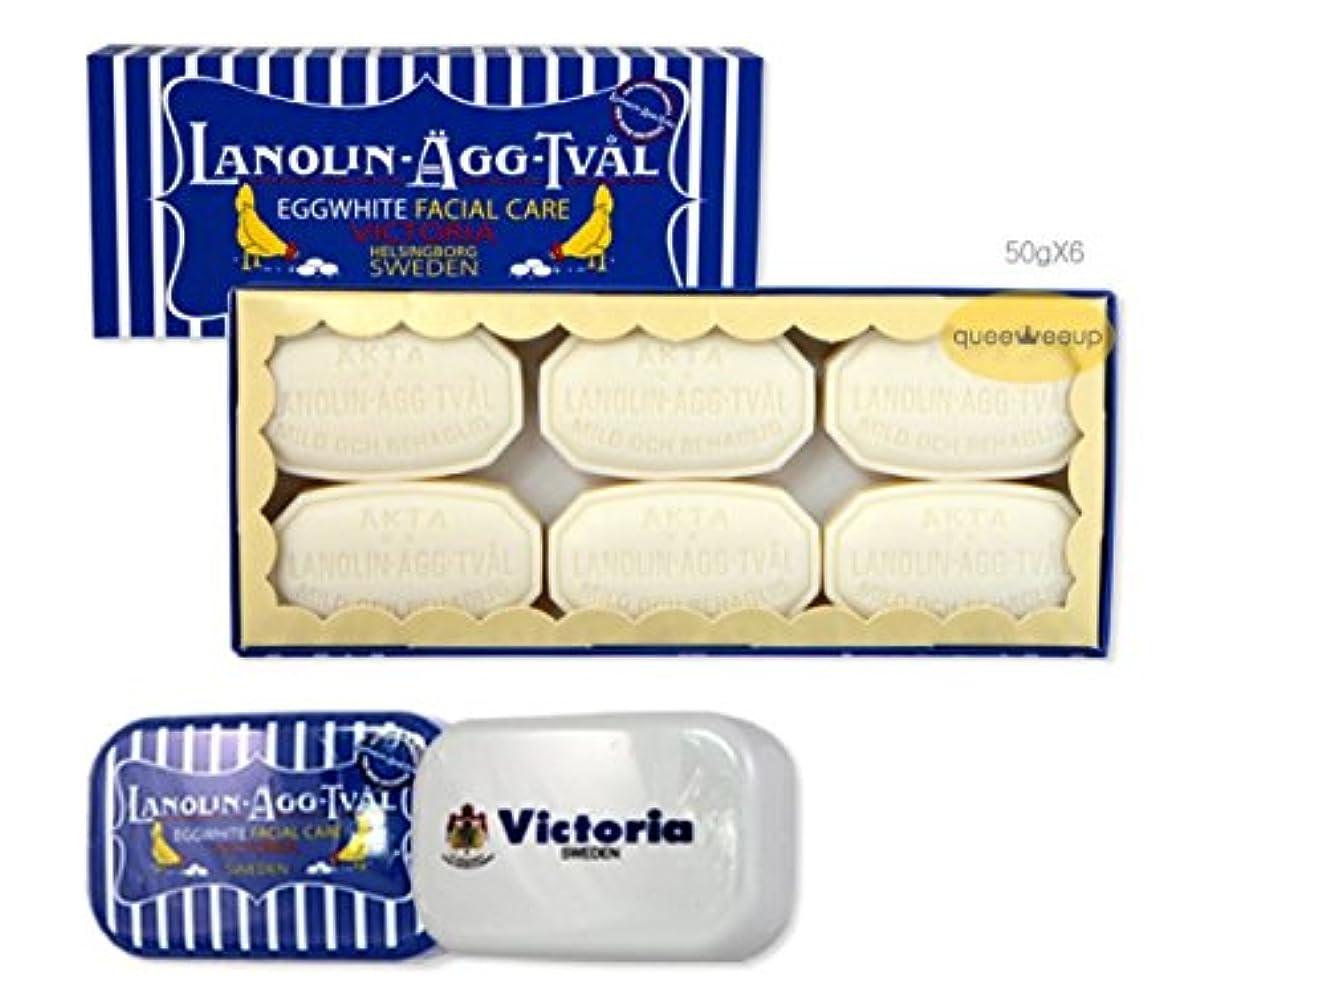 ハイライト肯定的本土Victoria (ヴィクトリア) ニューエッグパックソープ 50g×6個 + ケース